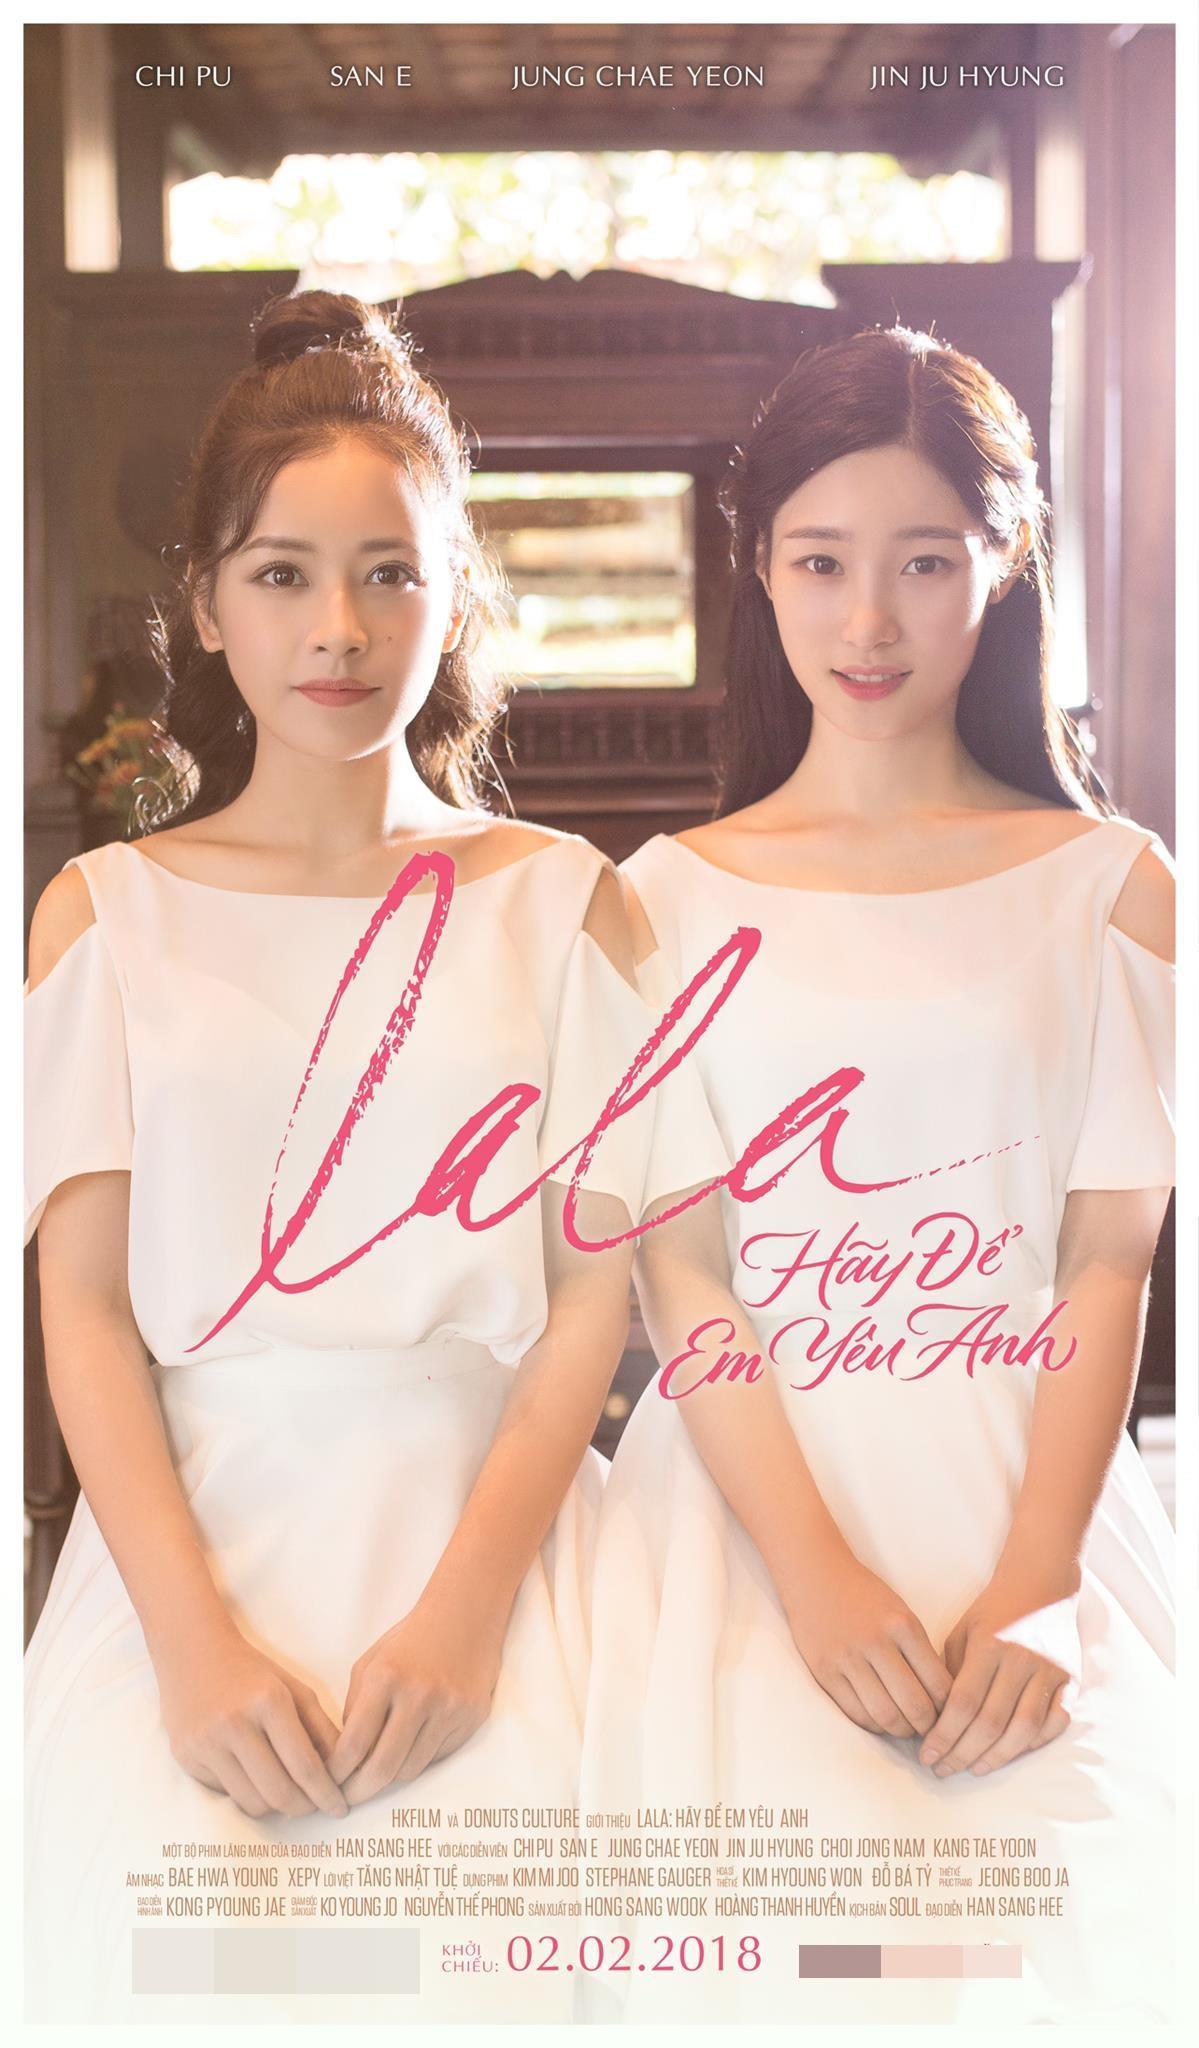 Chi Pu khoe nhan sắc trong trẻo không thua kém Nữ thần thế hệ mới Chae Yeon-7